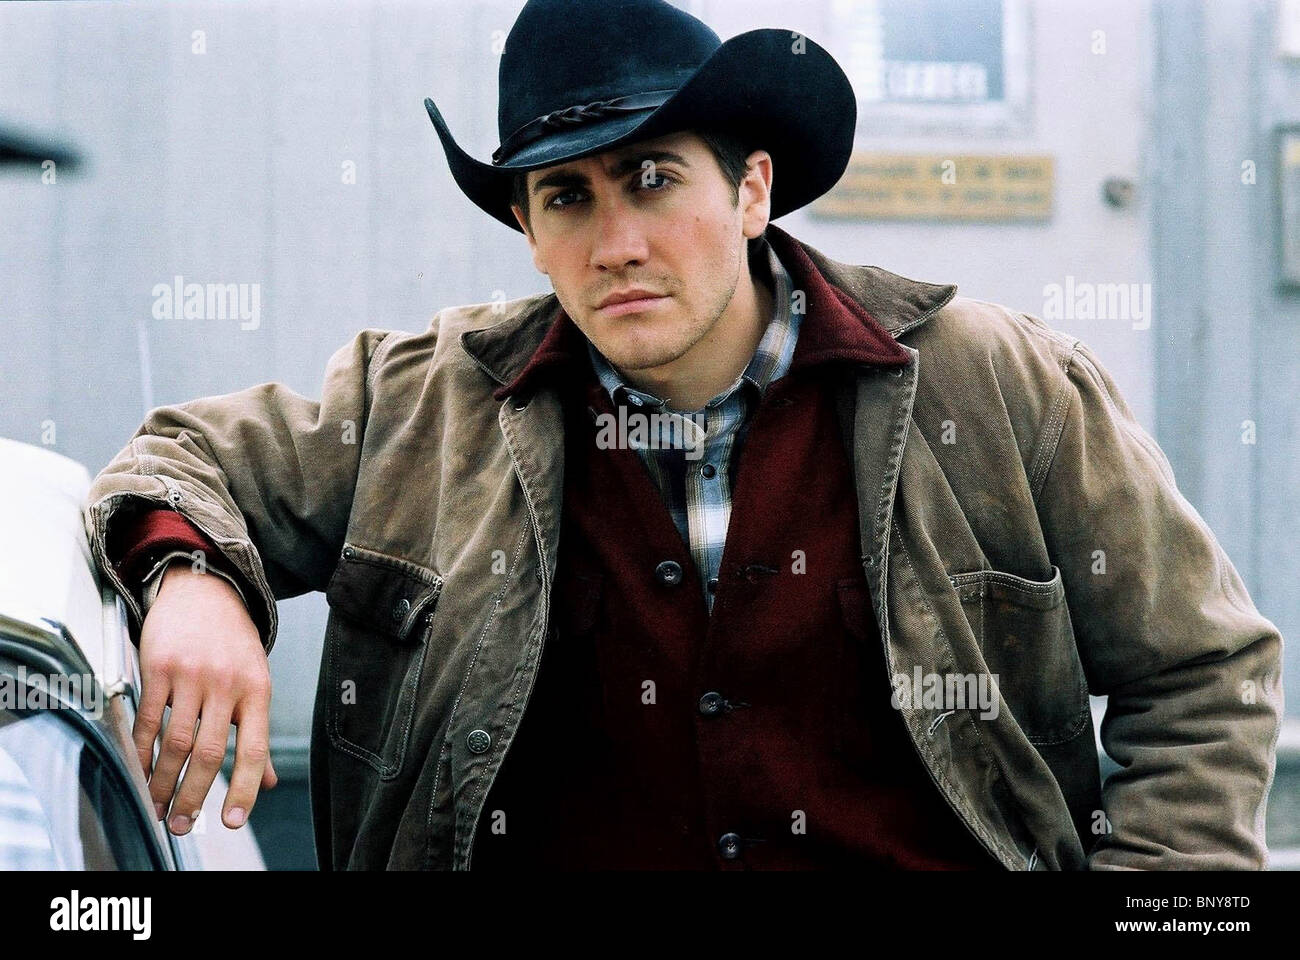 Jake Gyllenhaal Brokeback Mountain 2005 Stock Photo Alamy